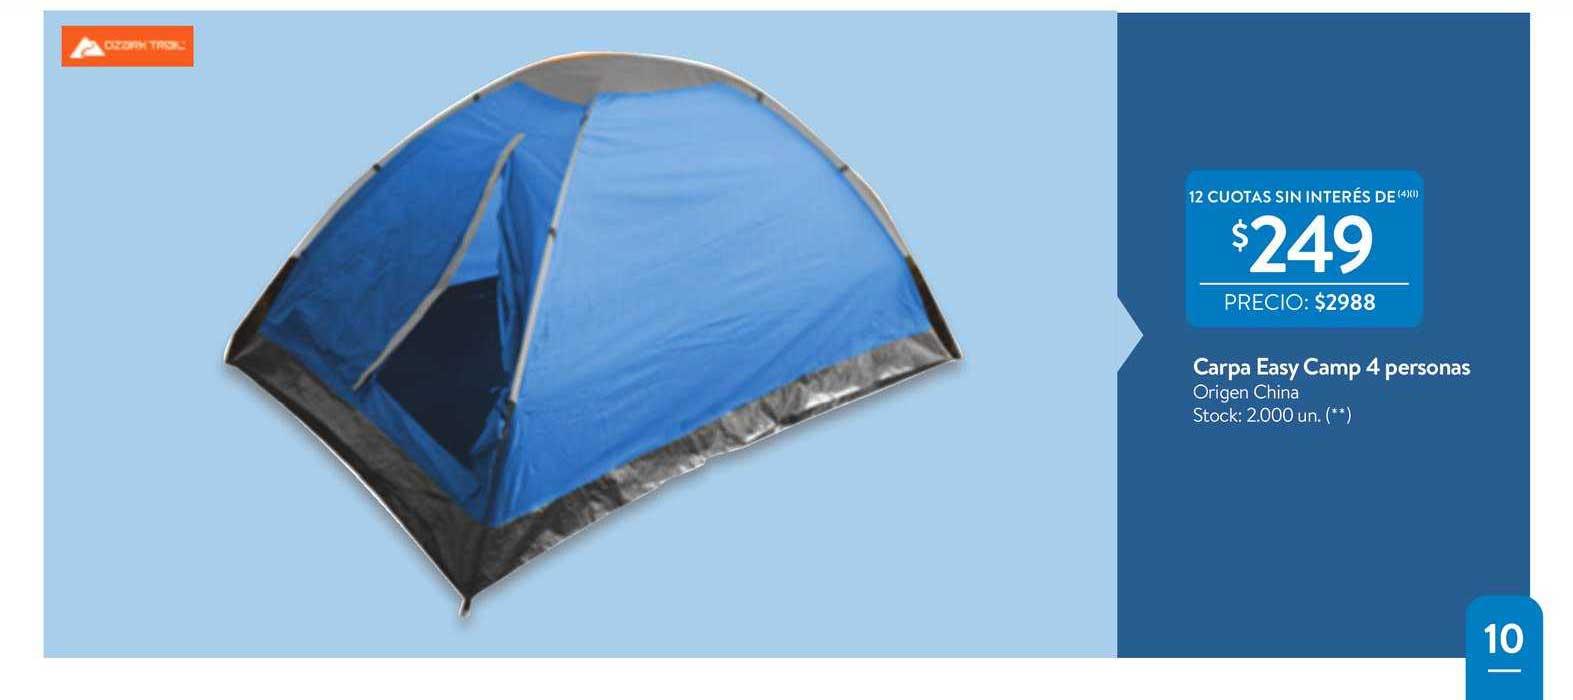 Walmart Carpa Easy Camp 4 Personas